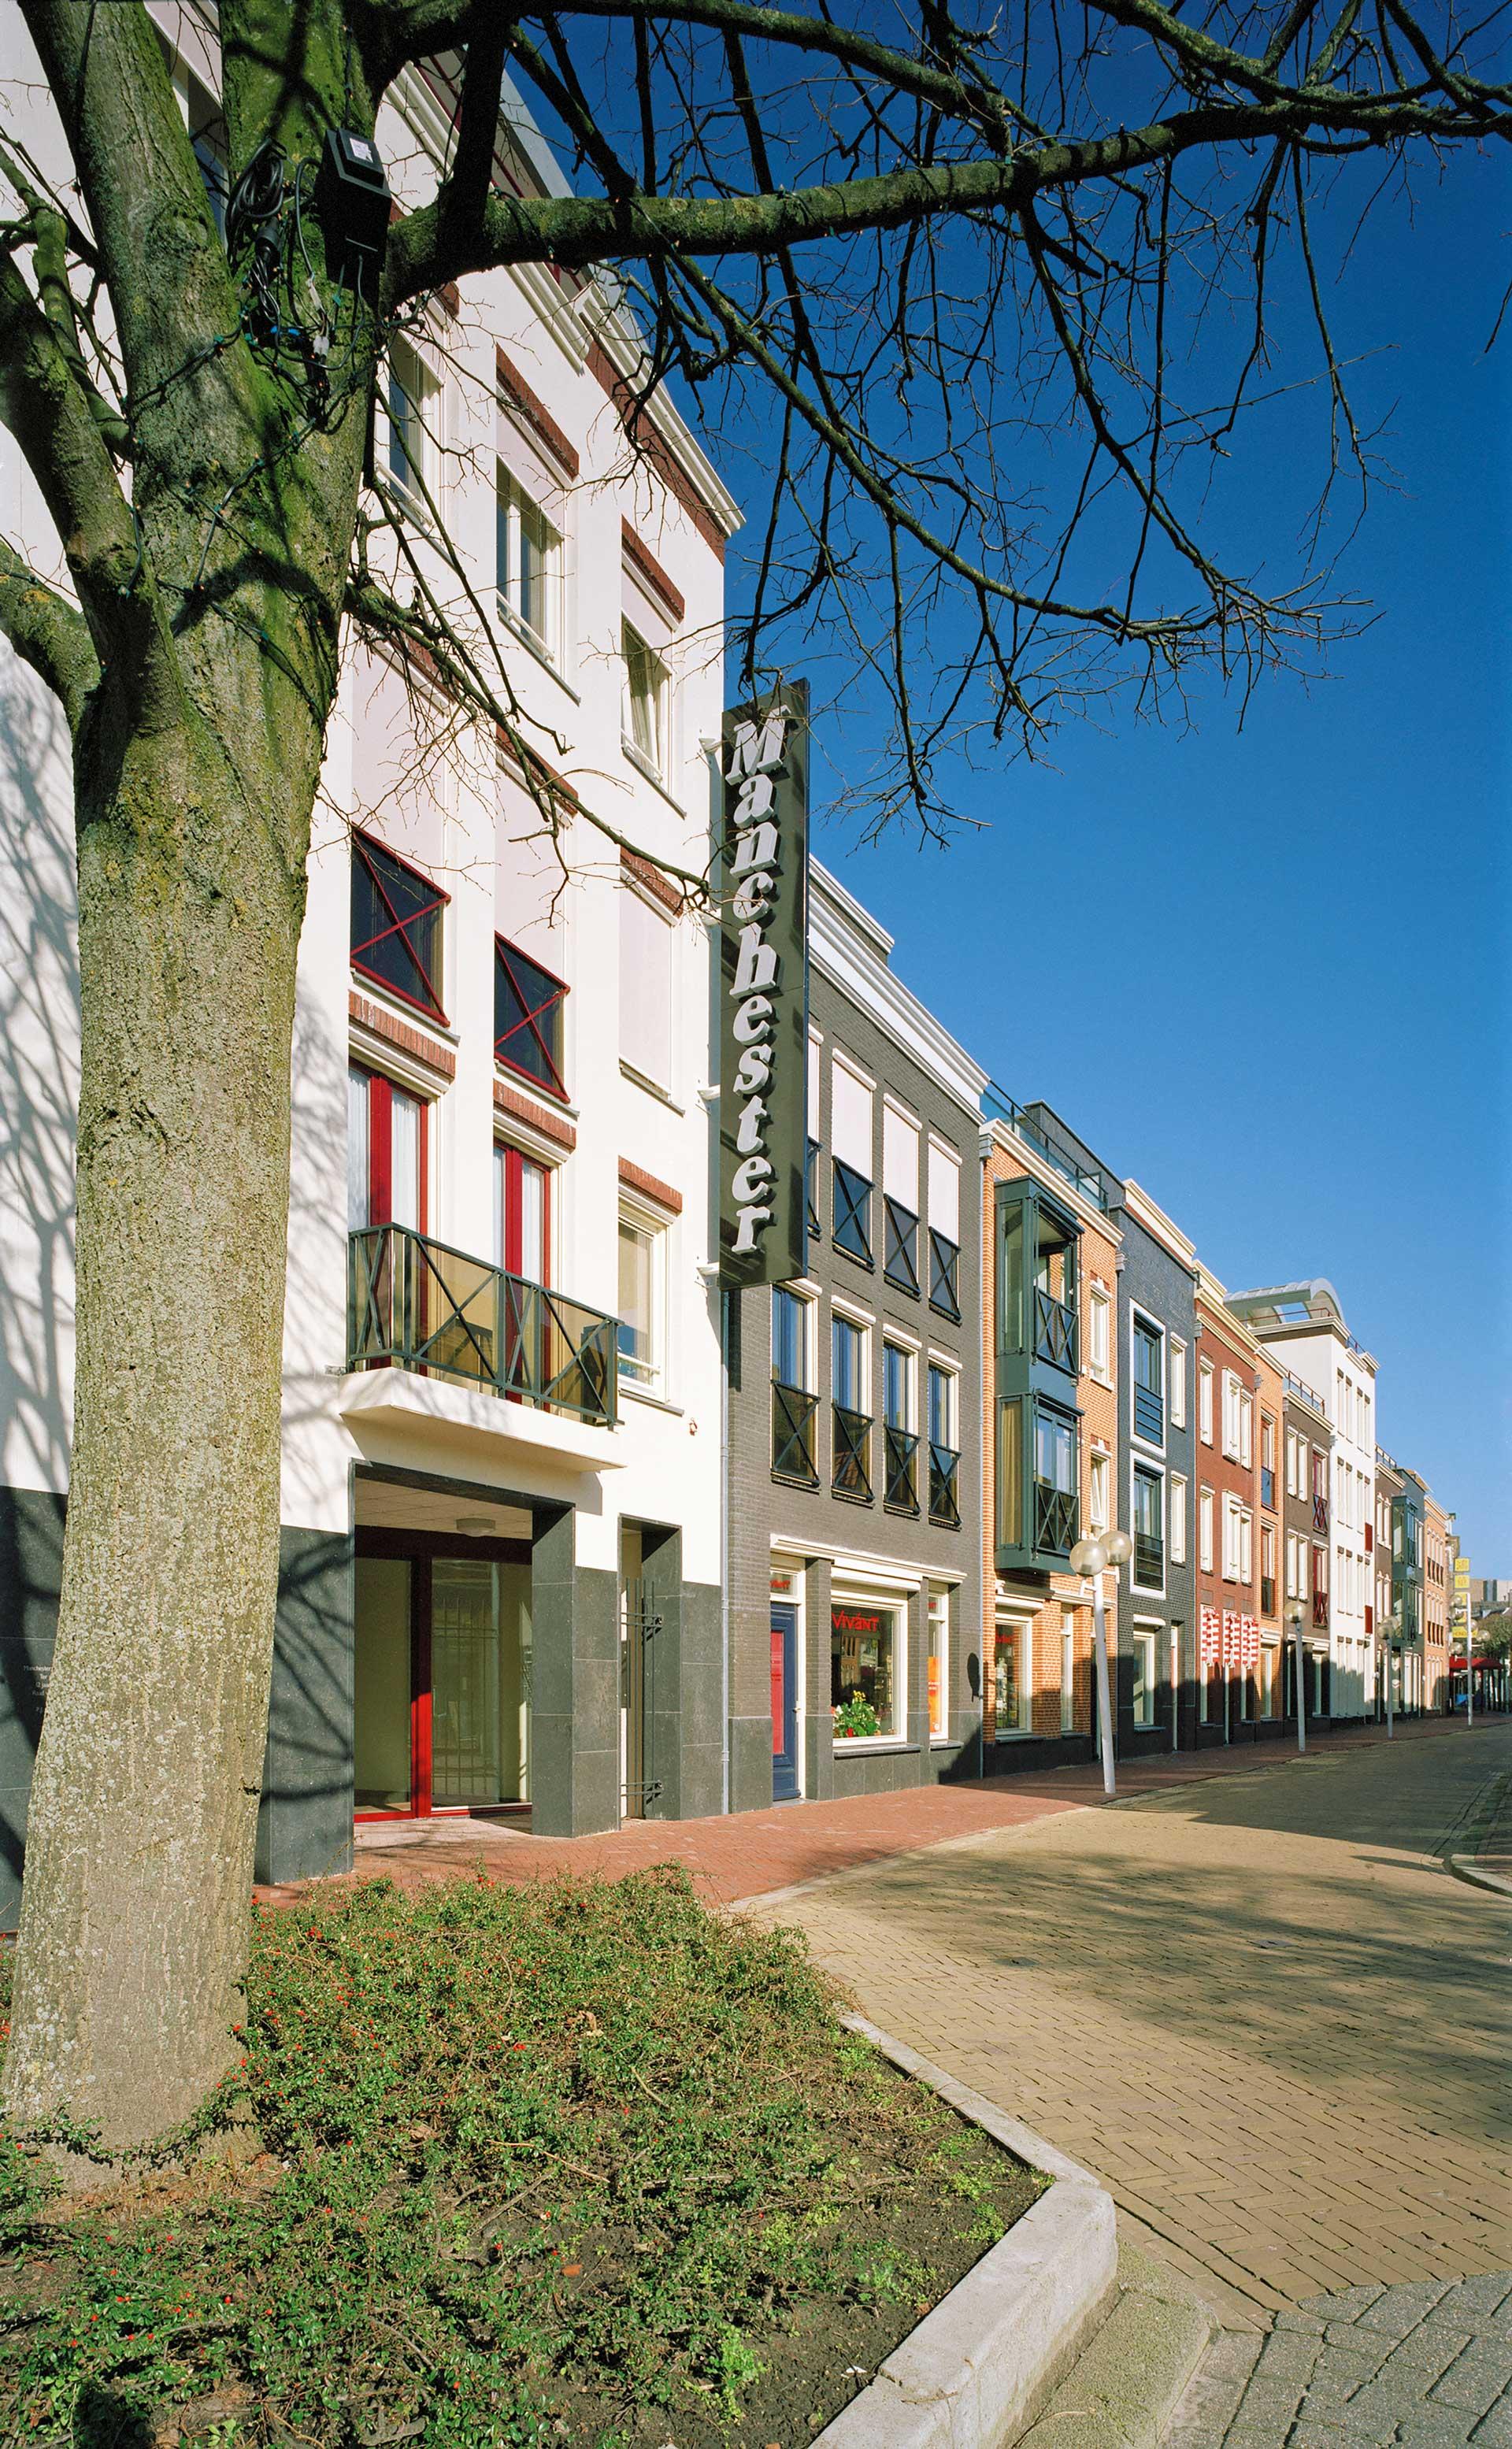 Almelo – Holtjesstraat